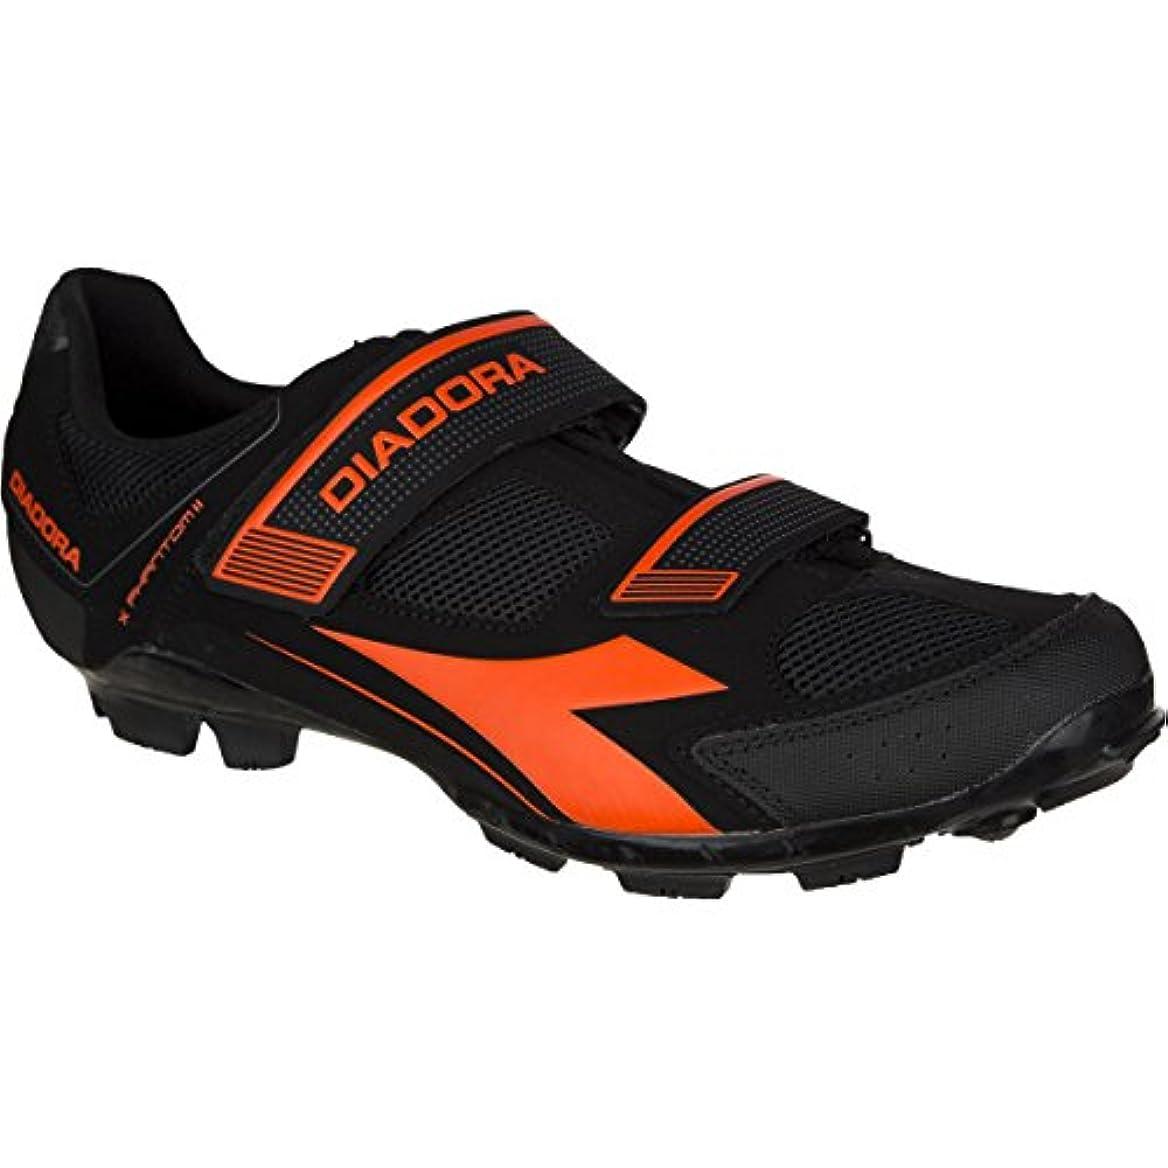 国勢調査難しい精算Diadora x-phantom II Shoes – Men 's